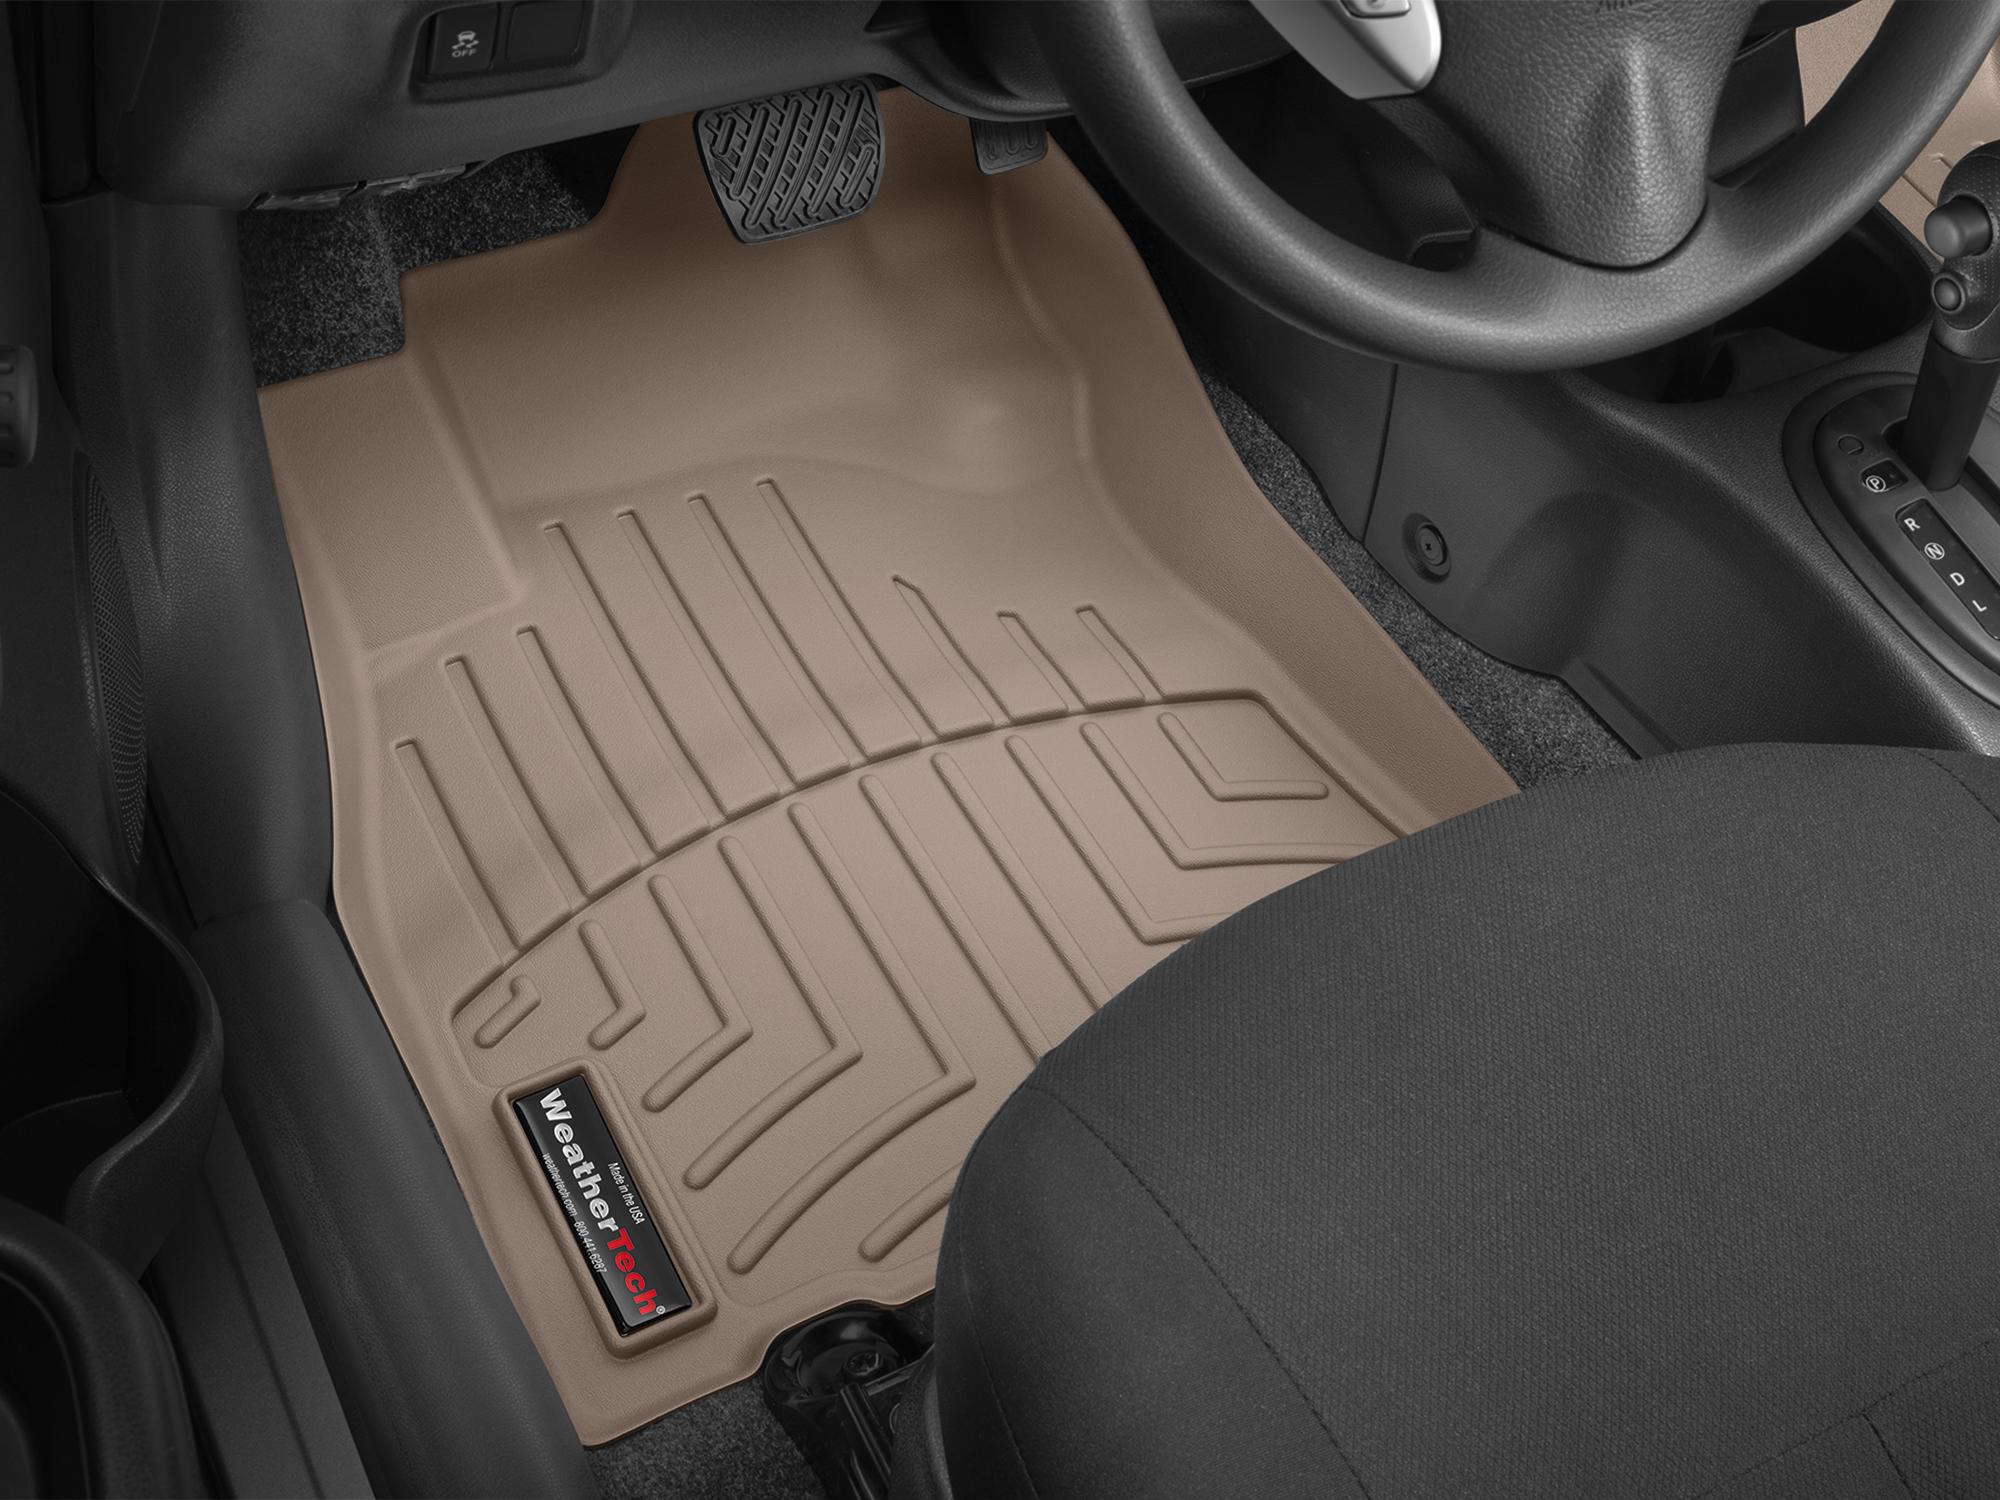 Tappeti gomma su misura bordo alto Nissan Note 14>17 Marrone A2903